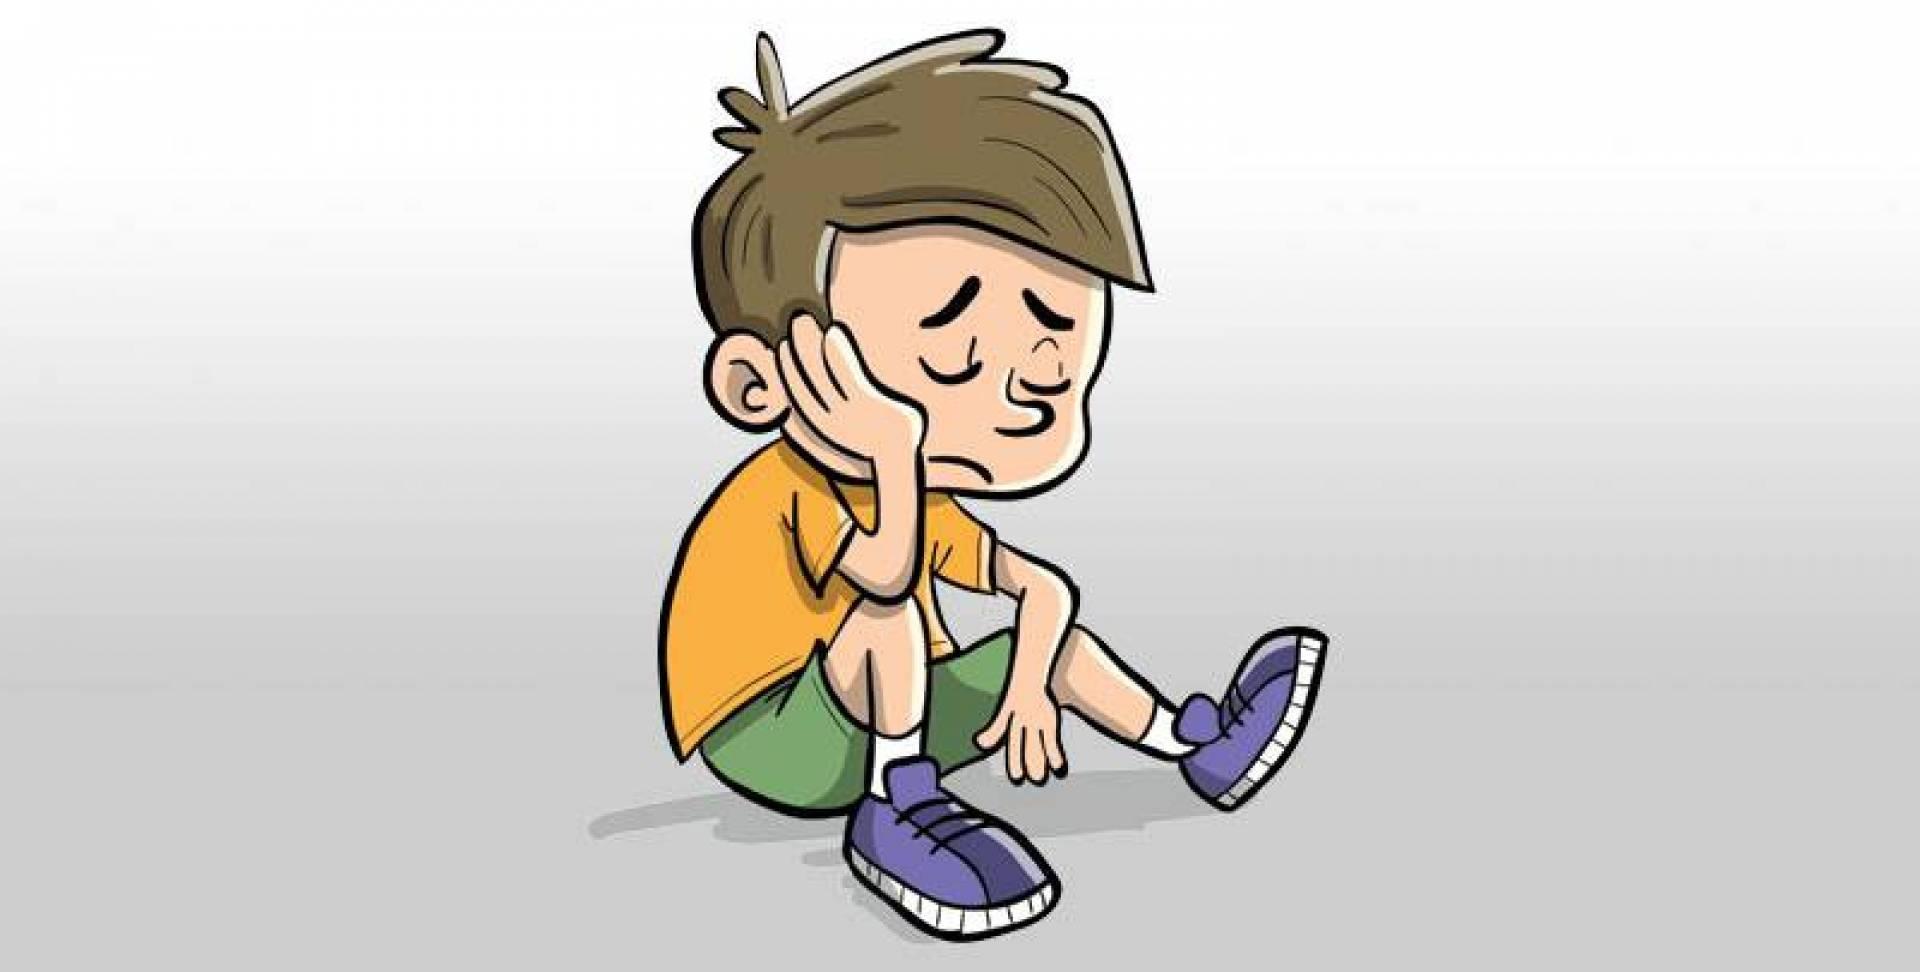 الأفكار الانتحارية عند الأطفال تبدأ في سن مبكّرة